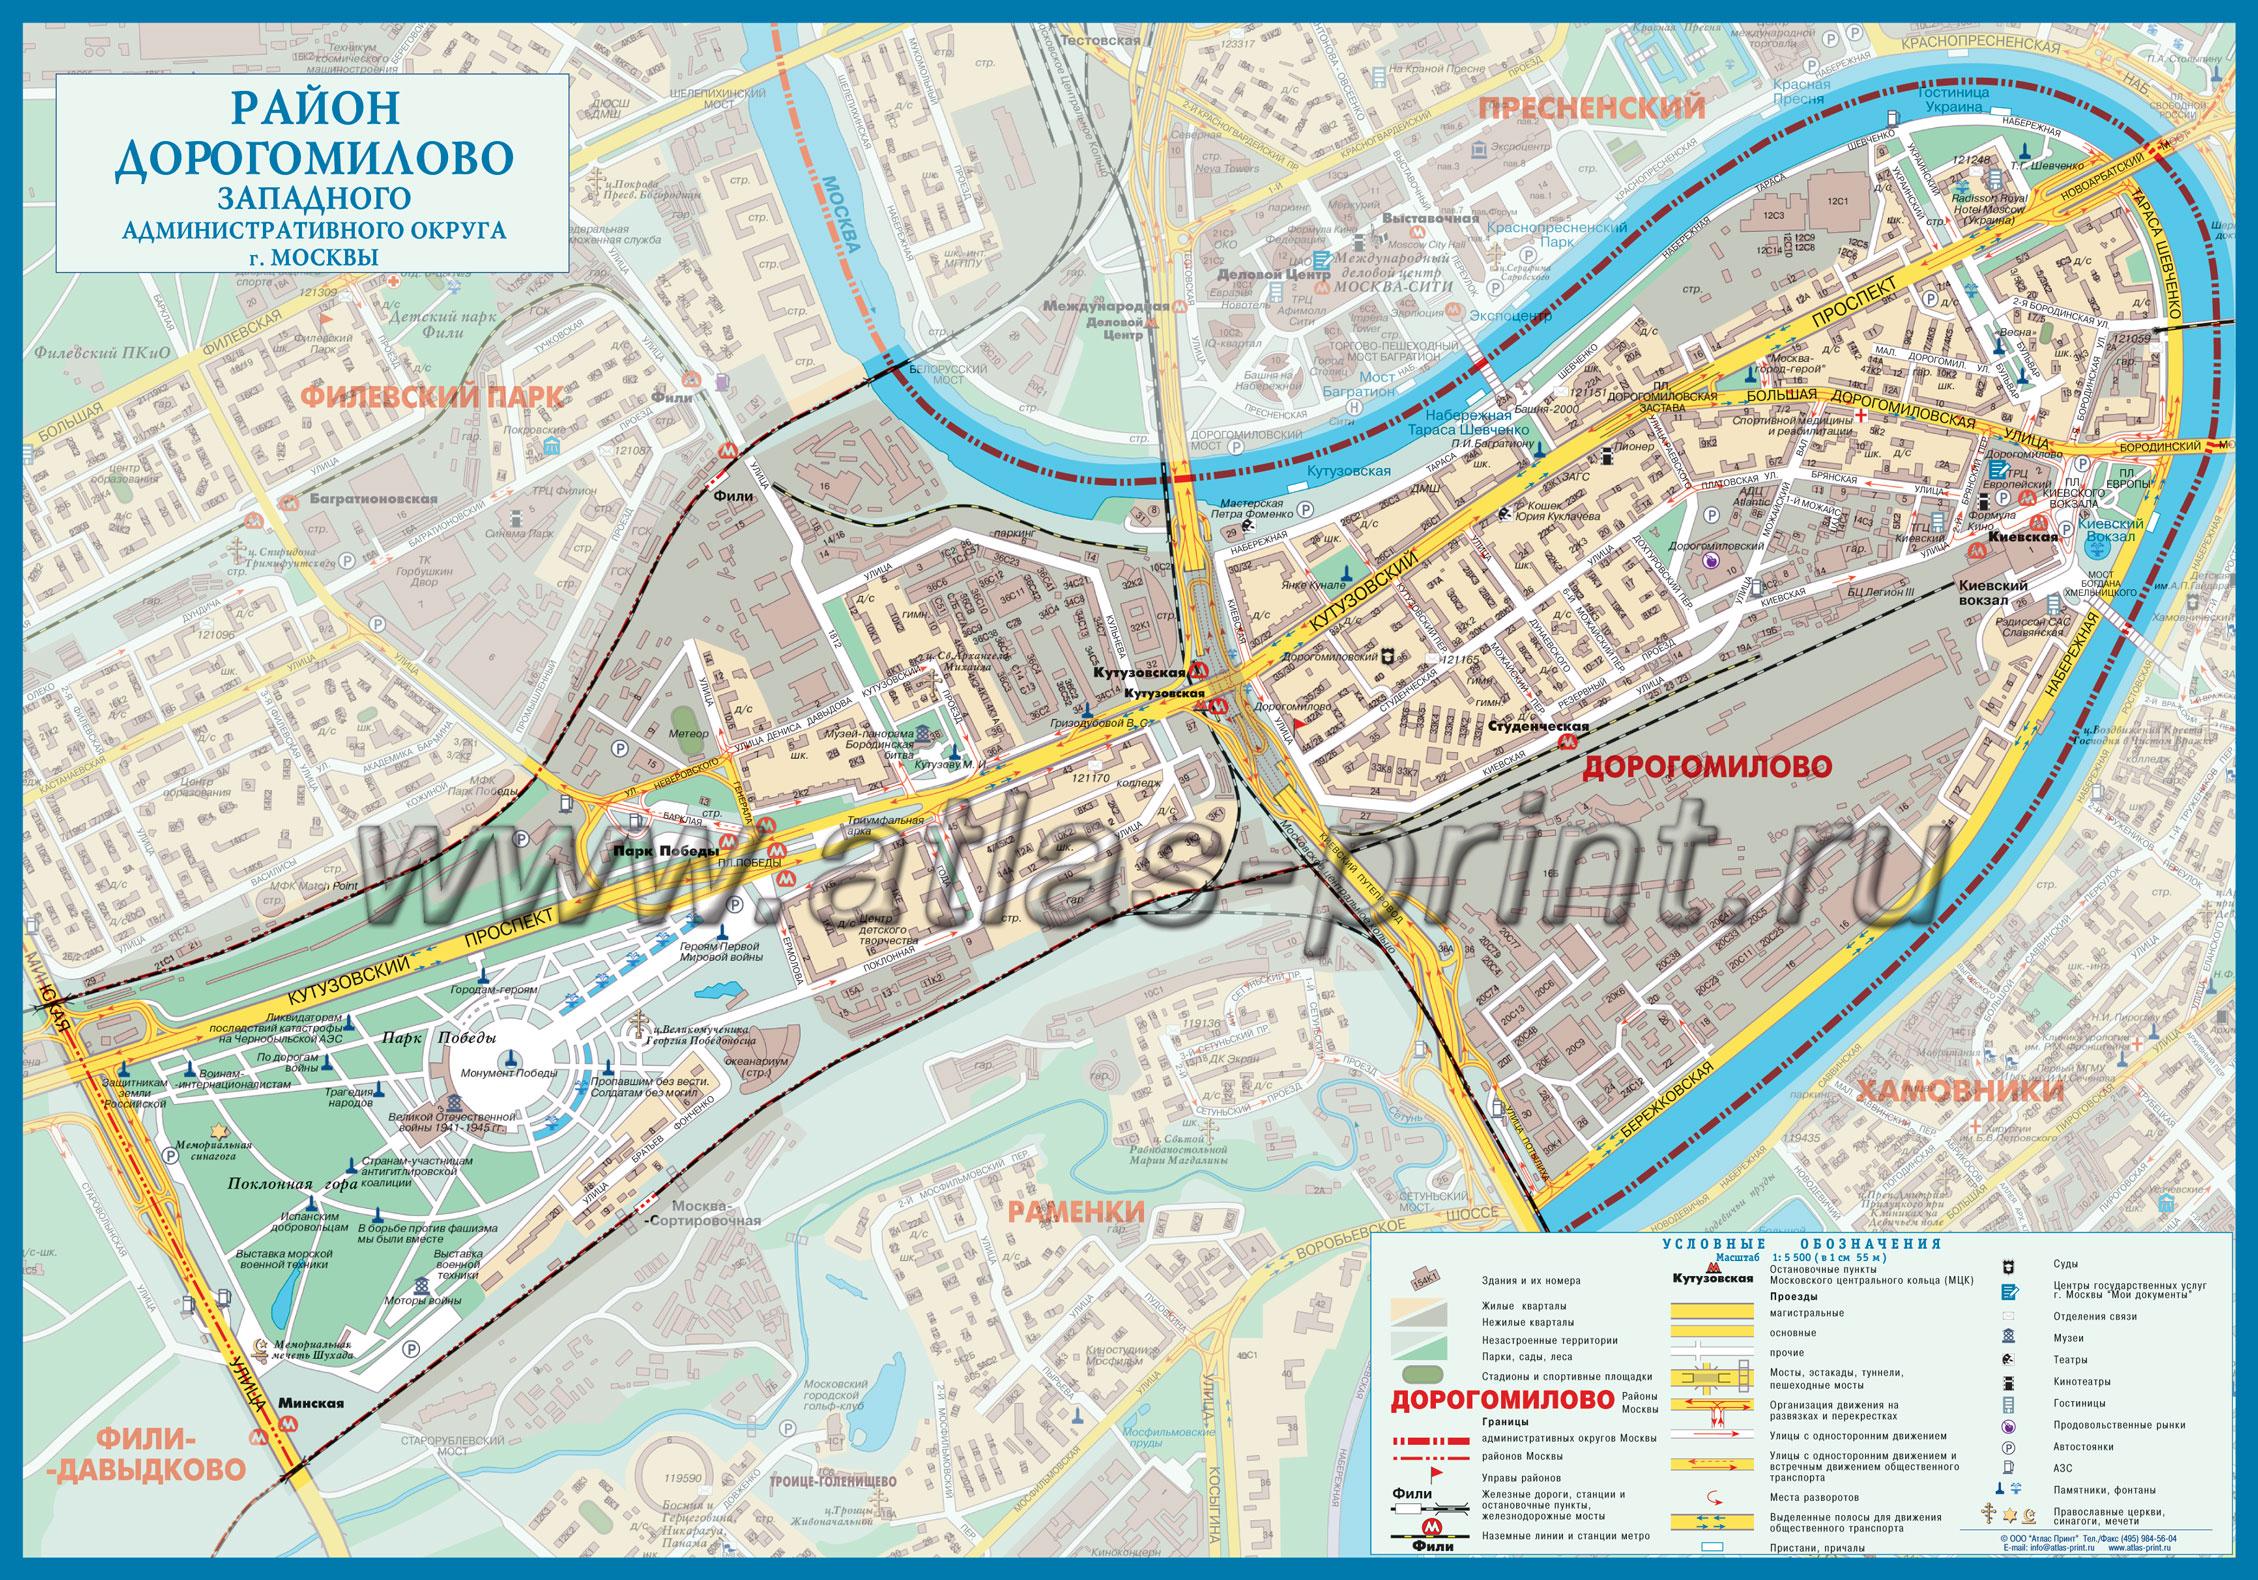 Настенная карта района Дорогомилово г.Москвы 1,00*0,70 м, ламинированная